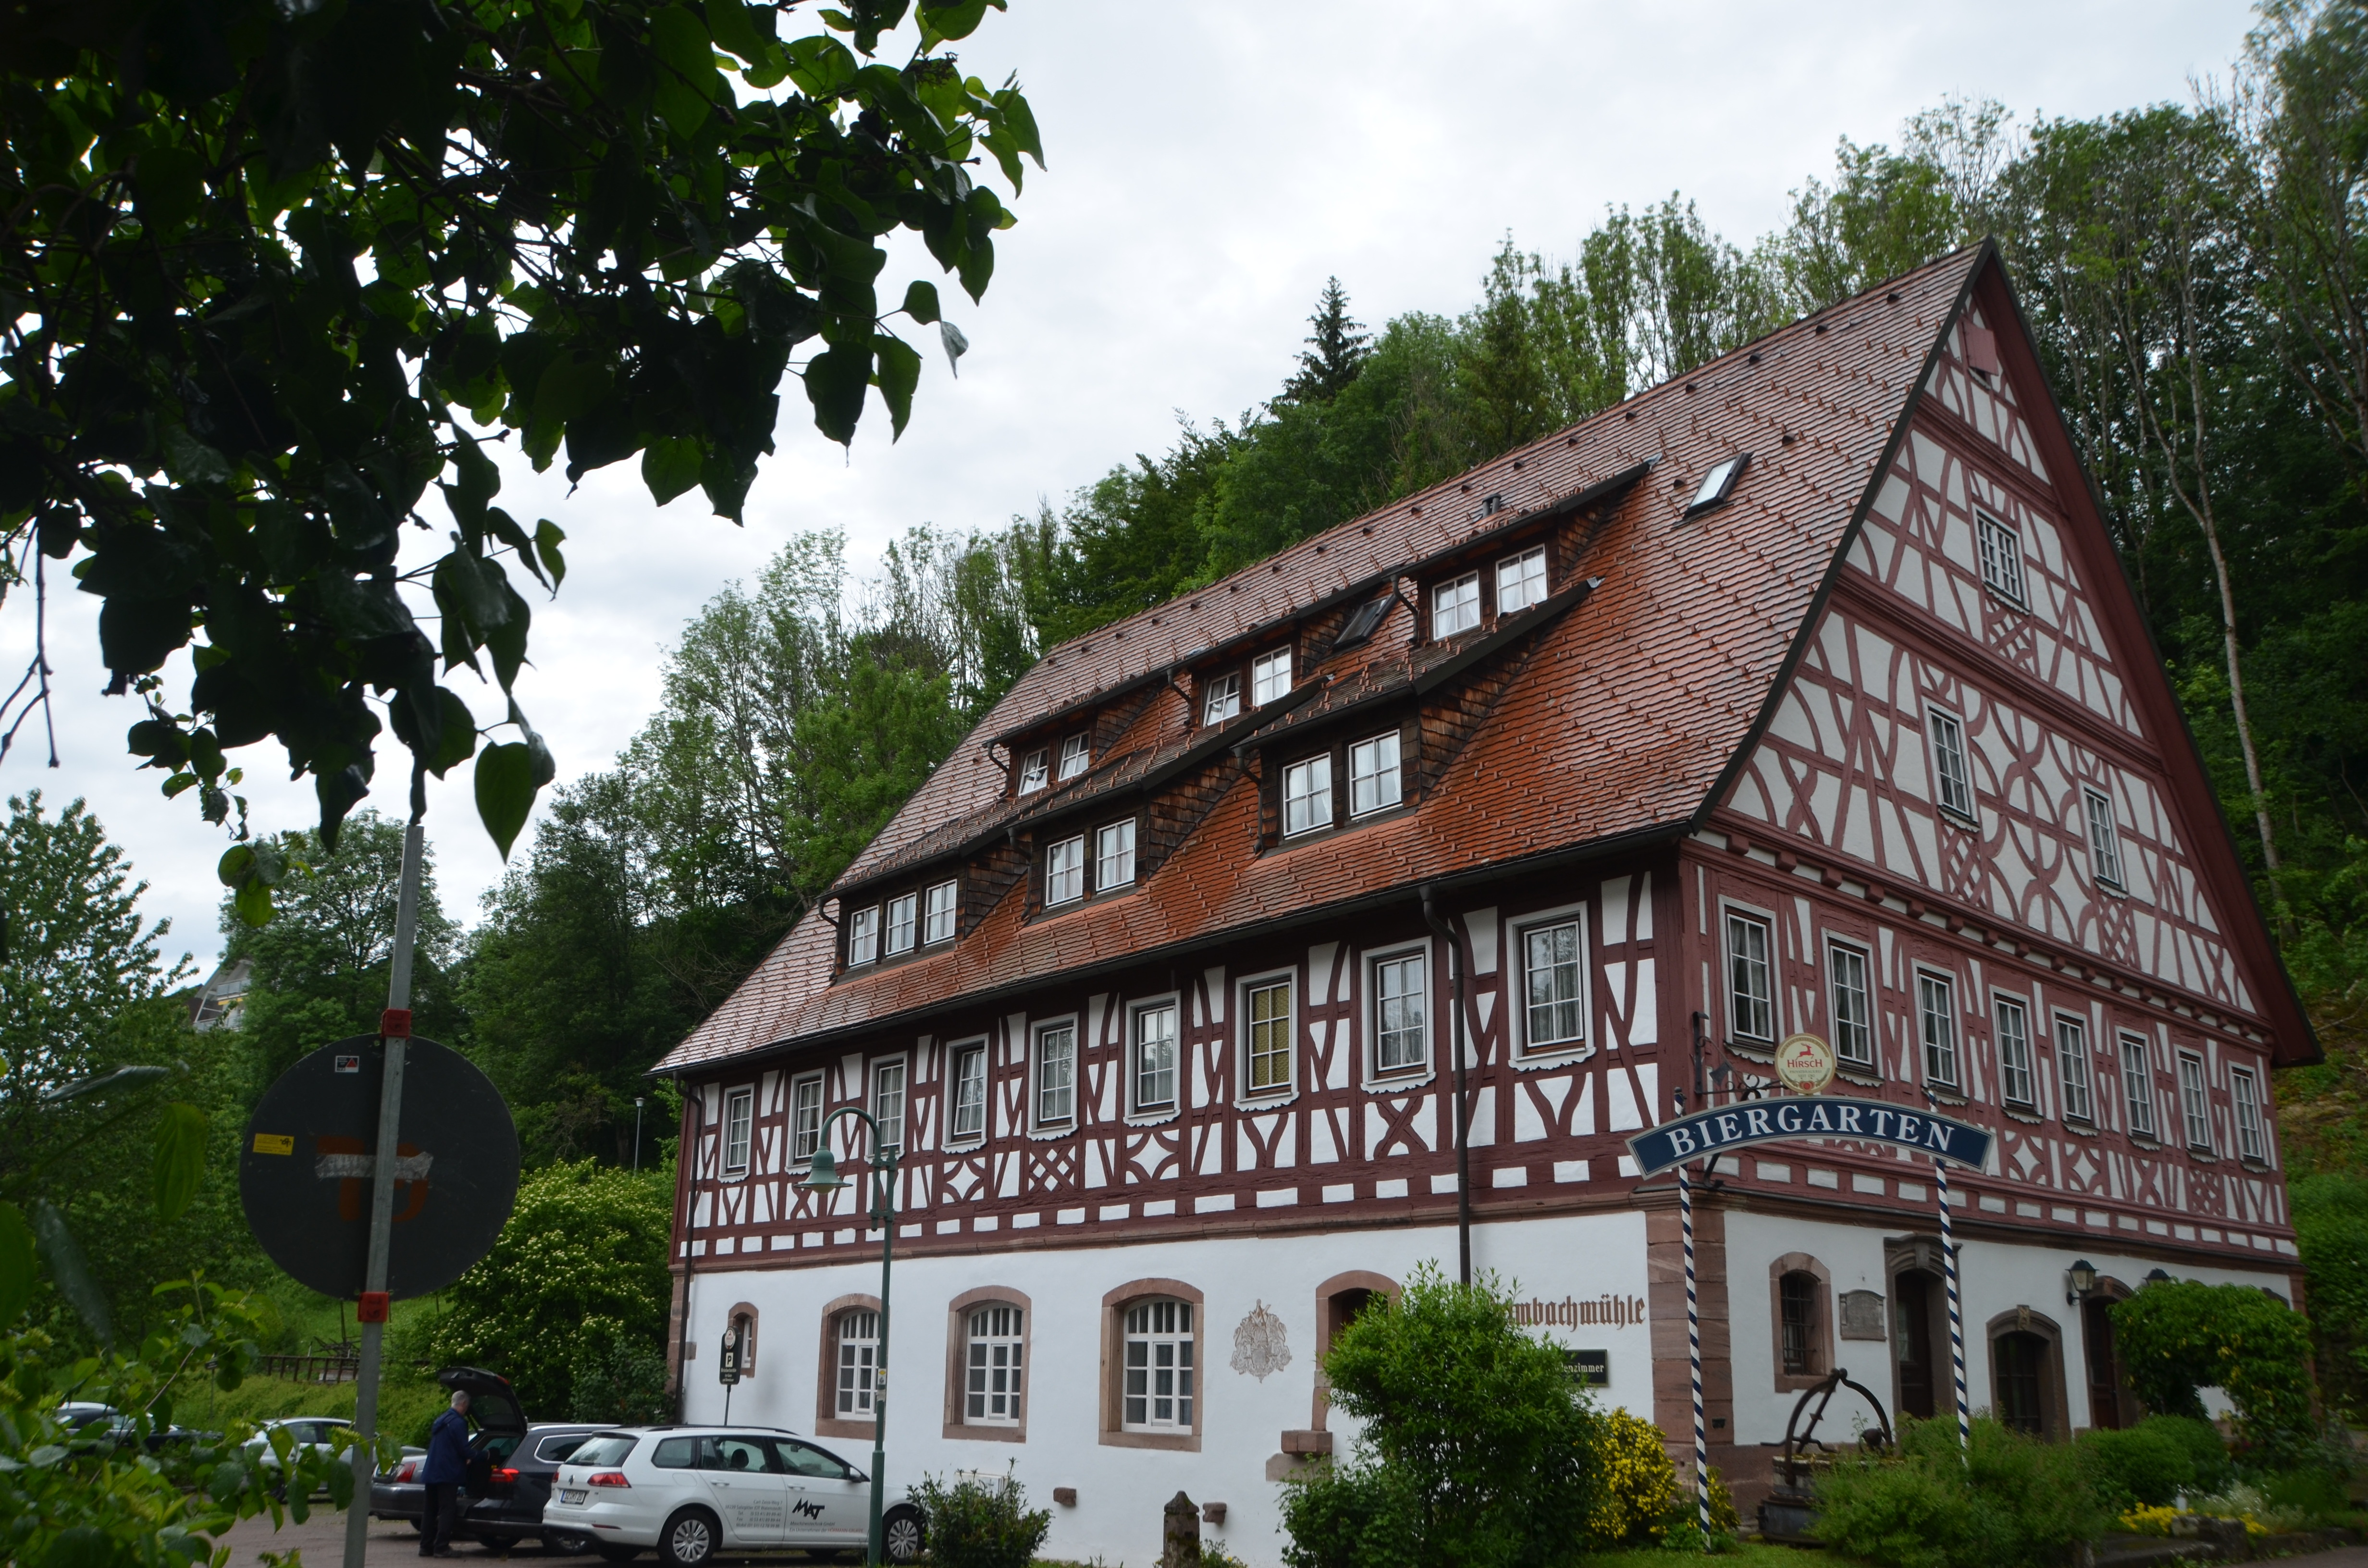 Heimbachmühle Betzweiler